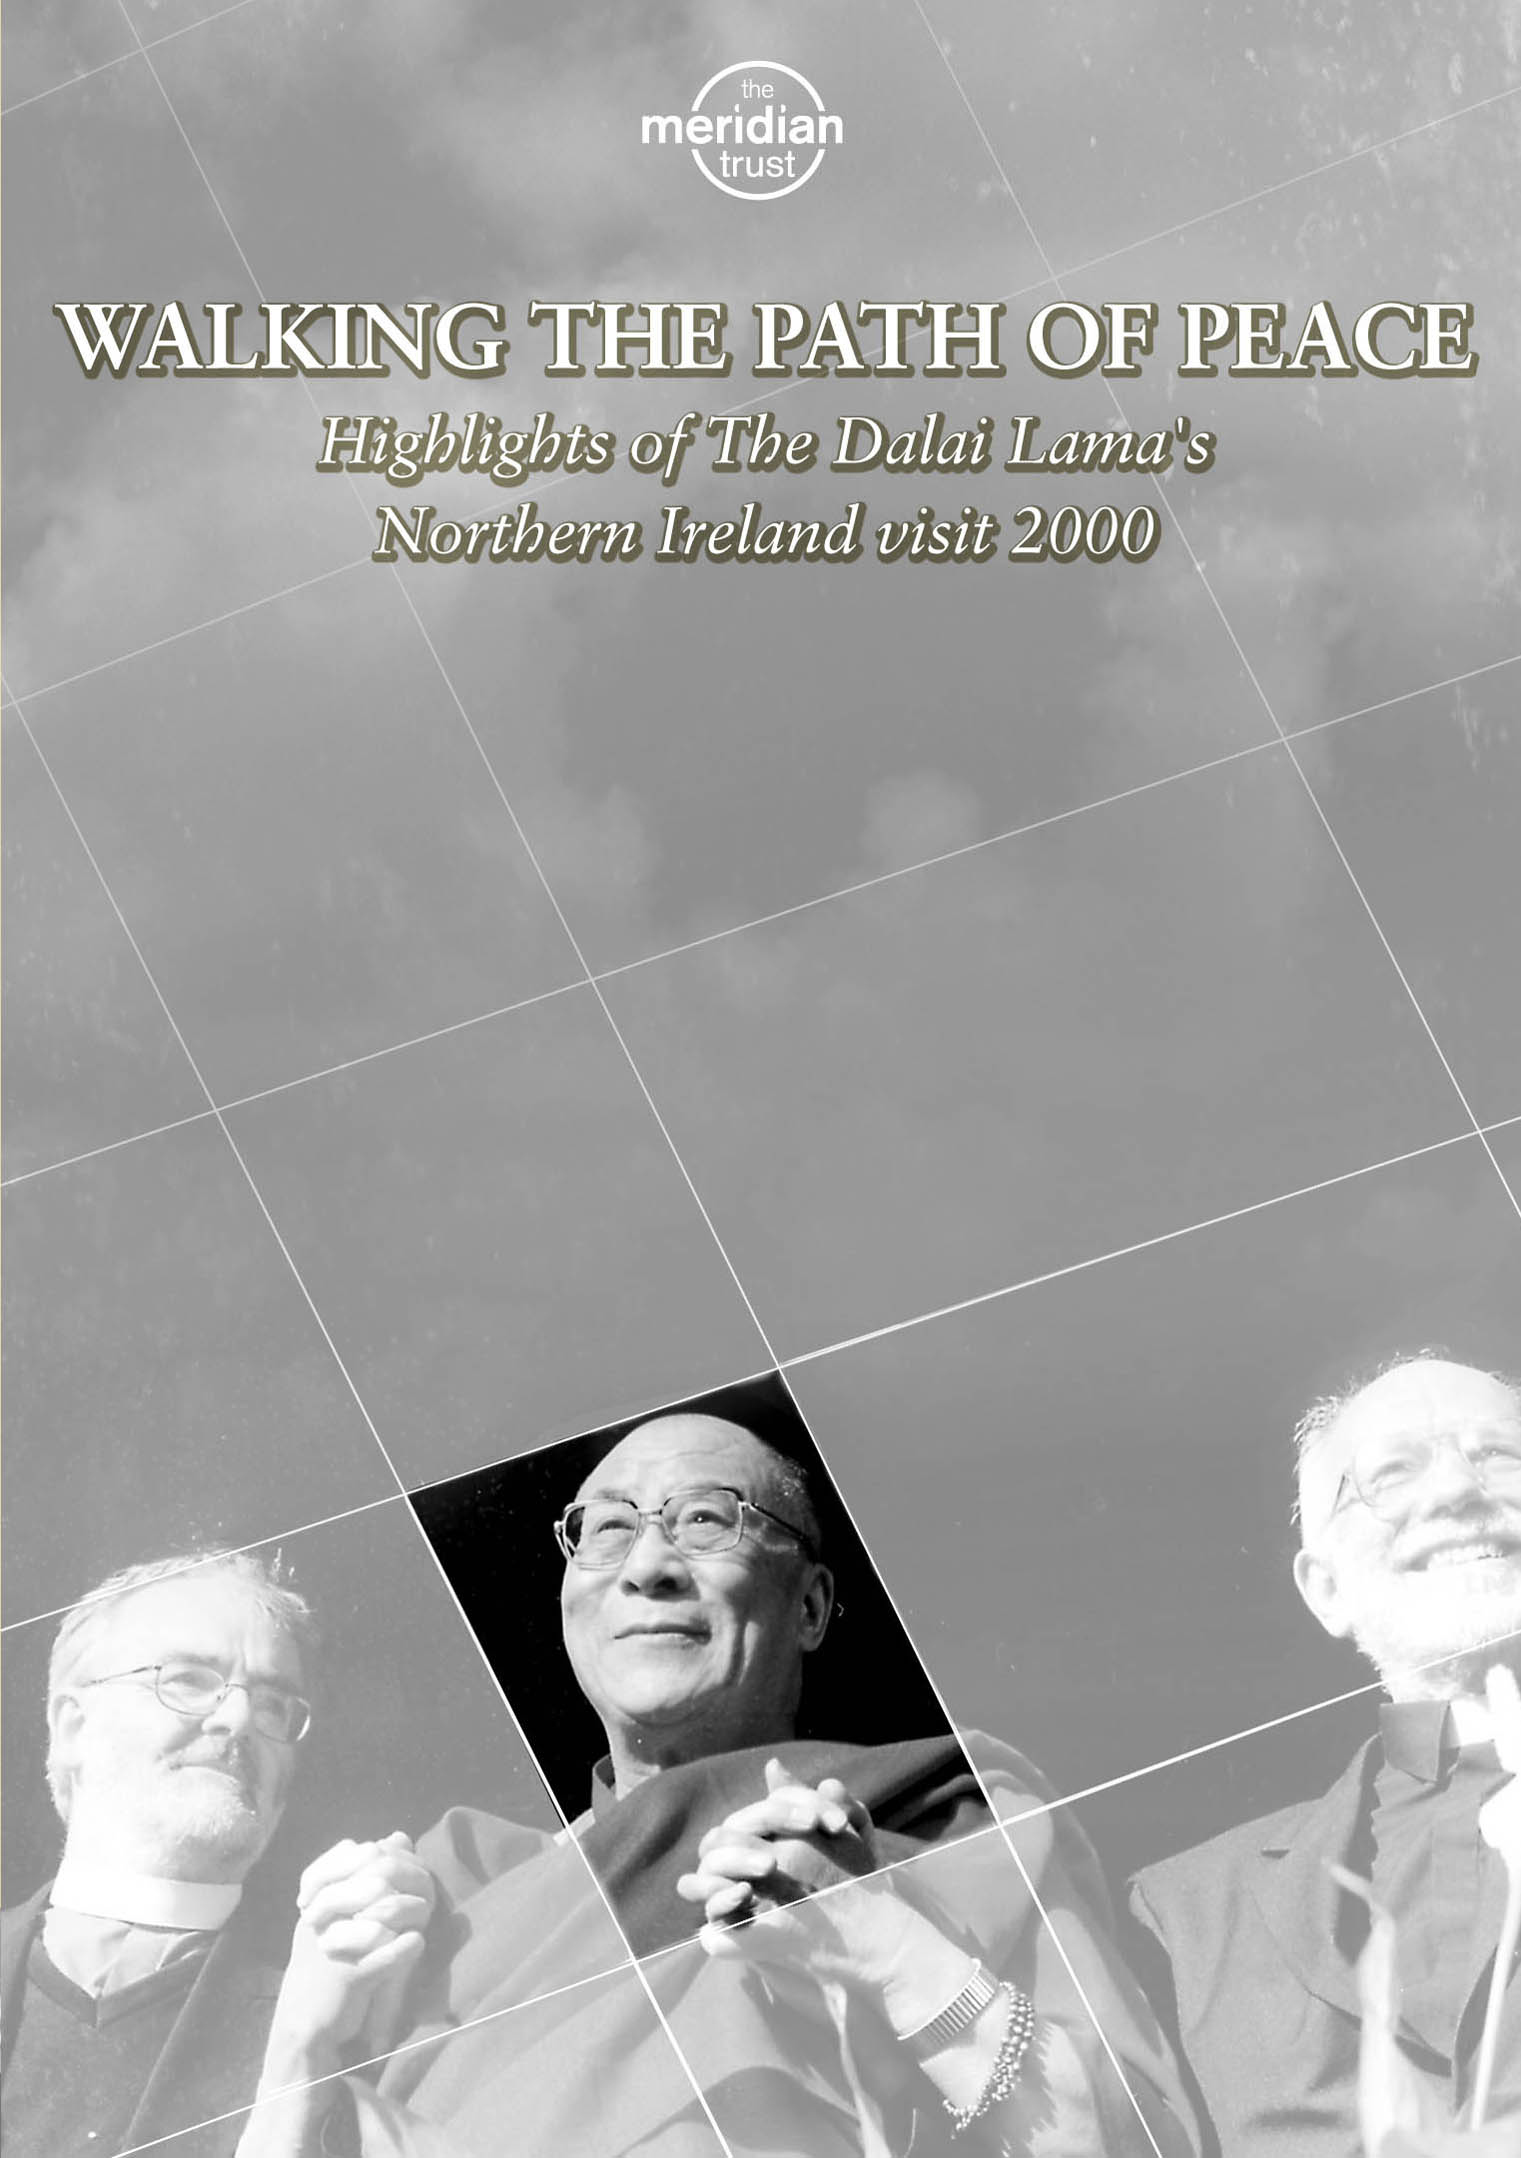 Dalai Lama: Walking the Path of Peace